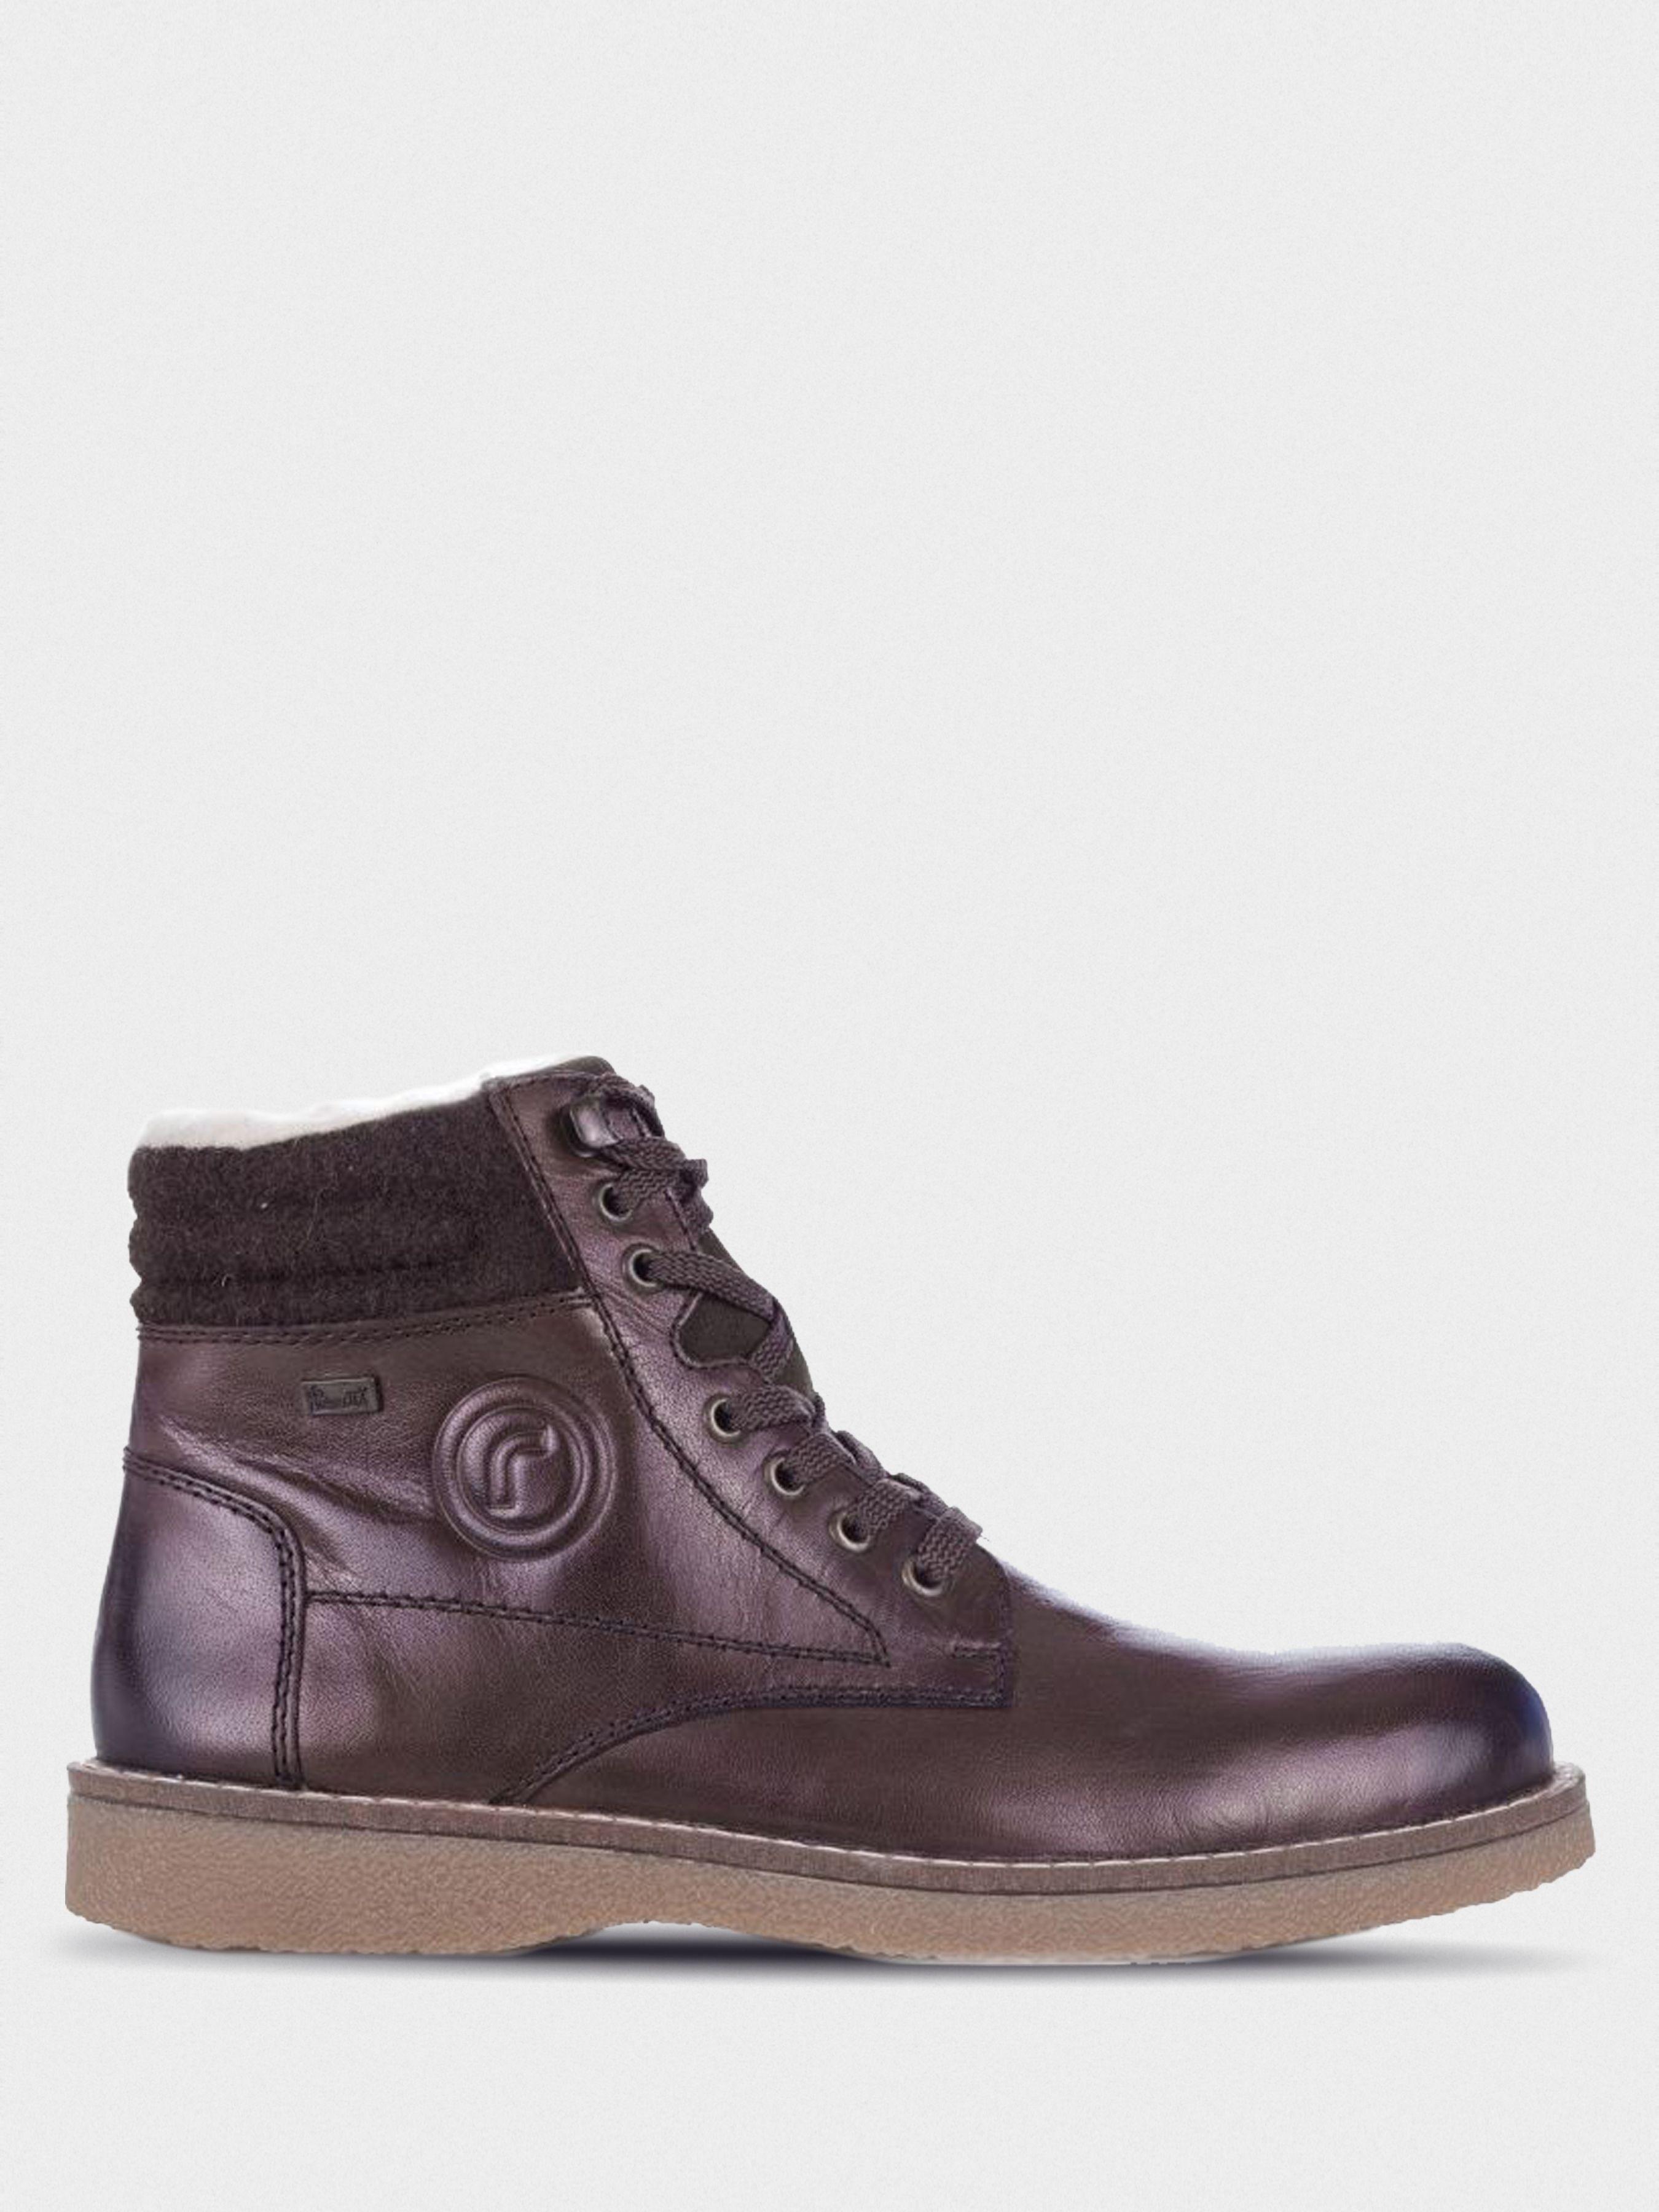 Купить Ботинки мужские RIEKER RK648, Коричневый